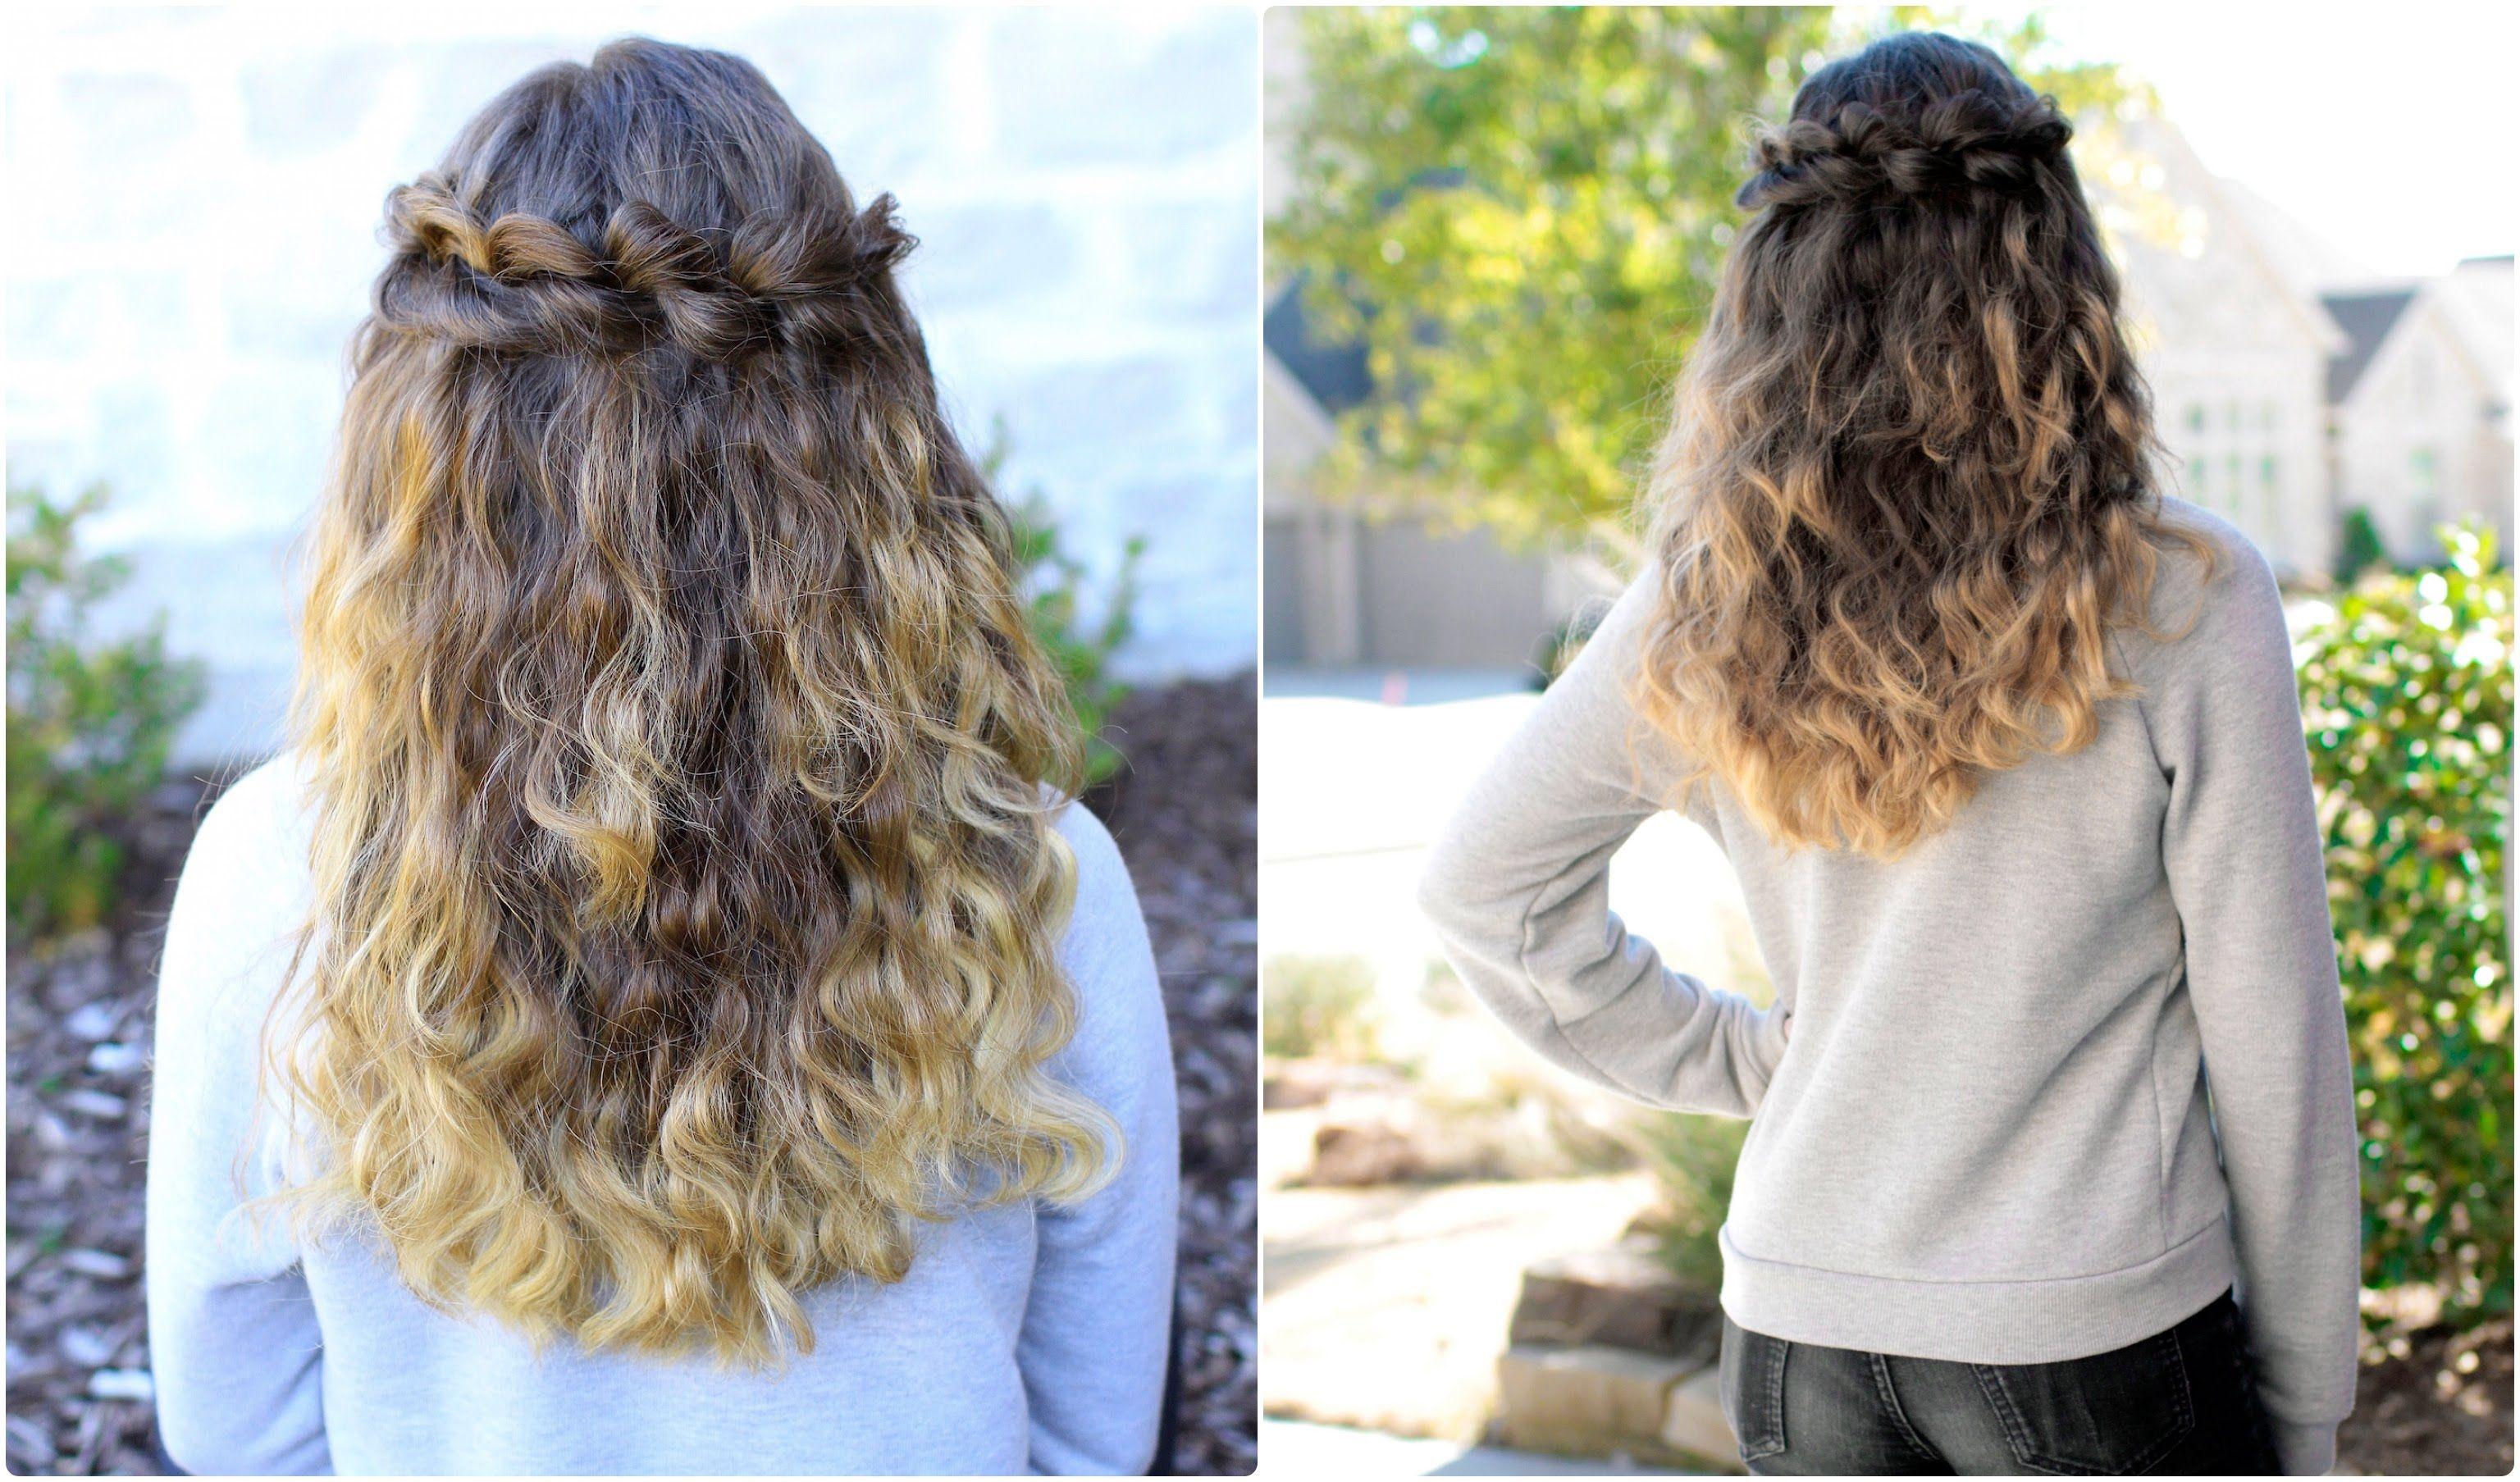 Puffed loop braid cute girls hairstyles fun hairstyles